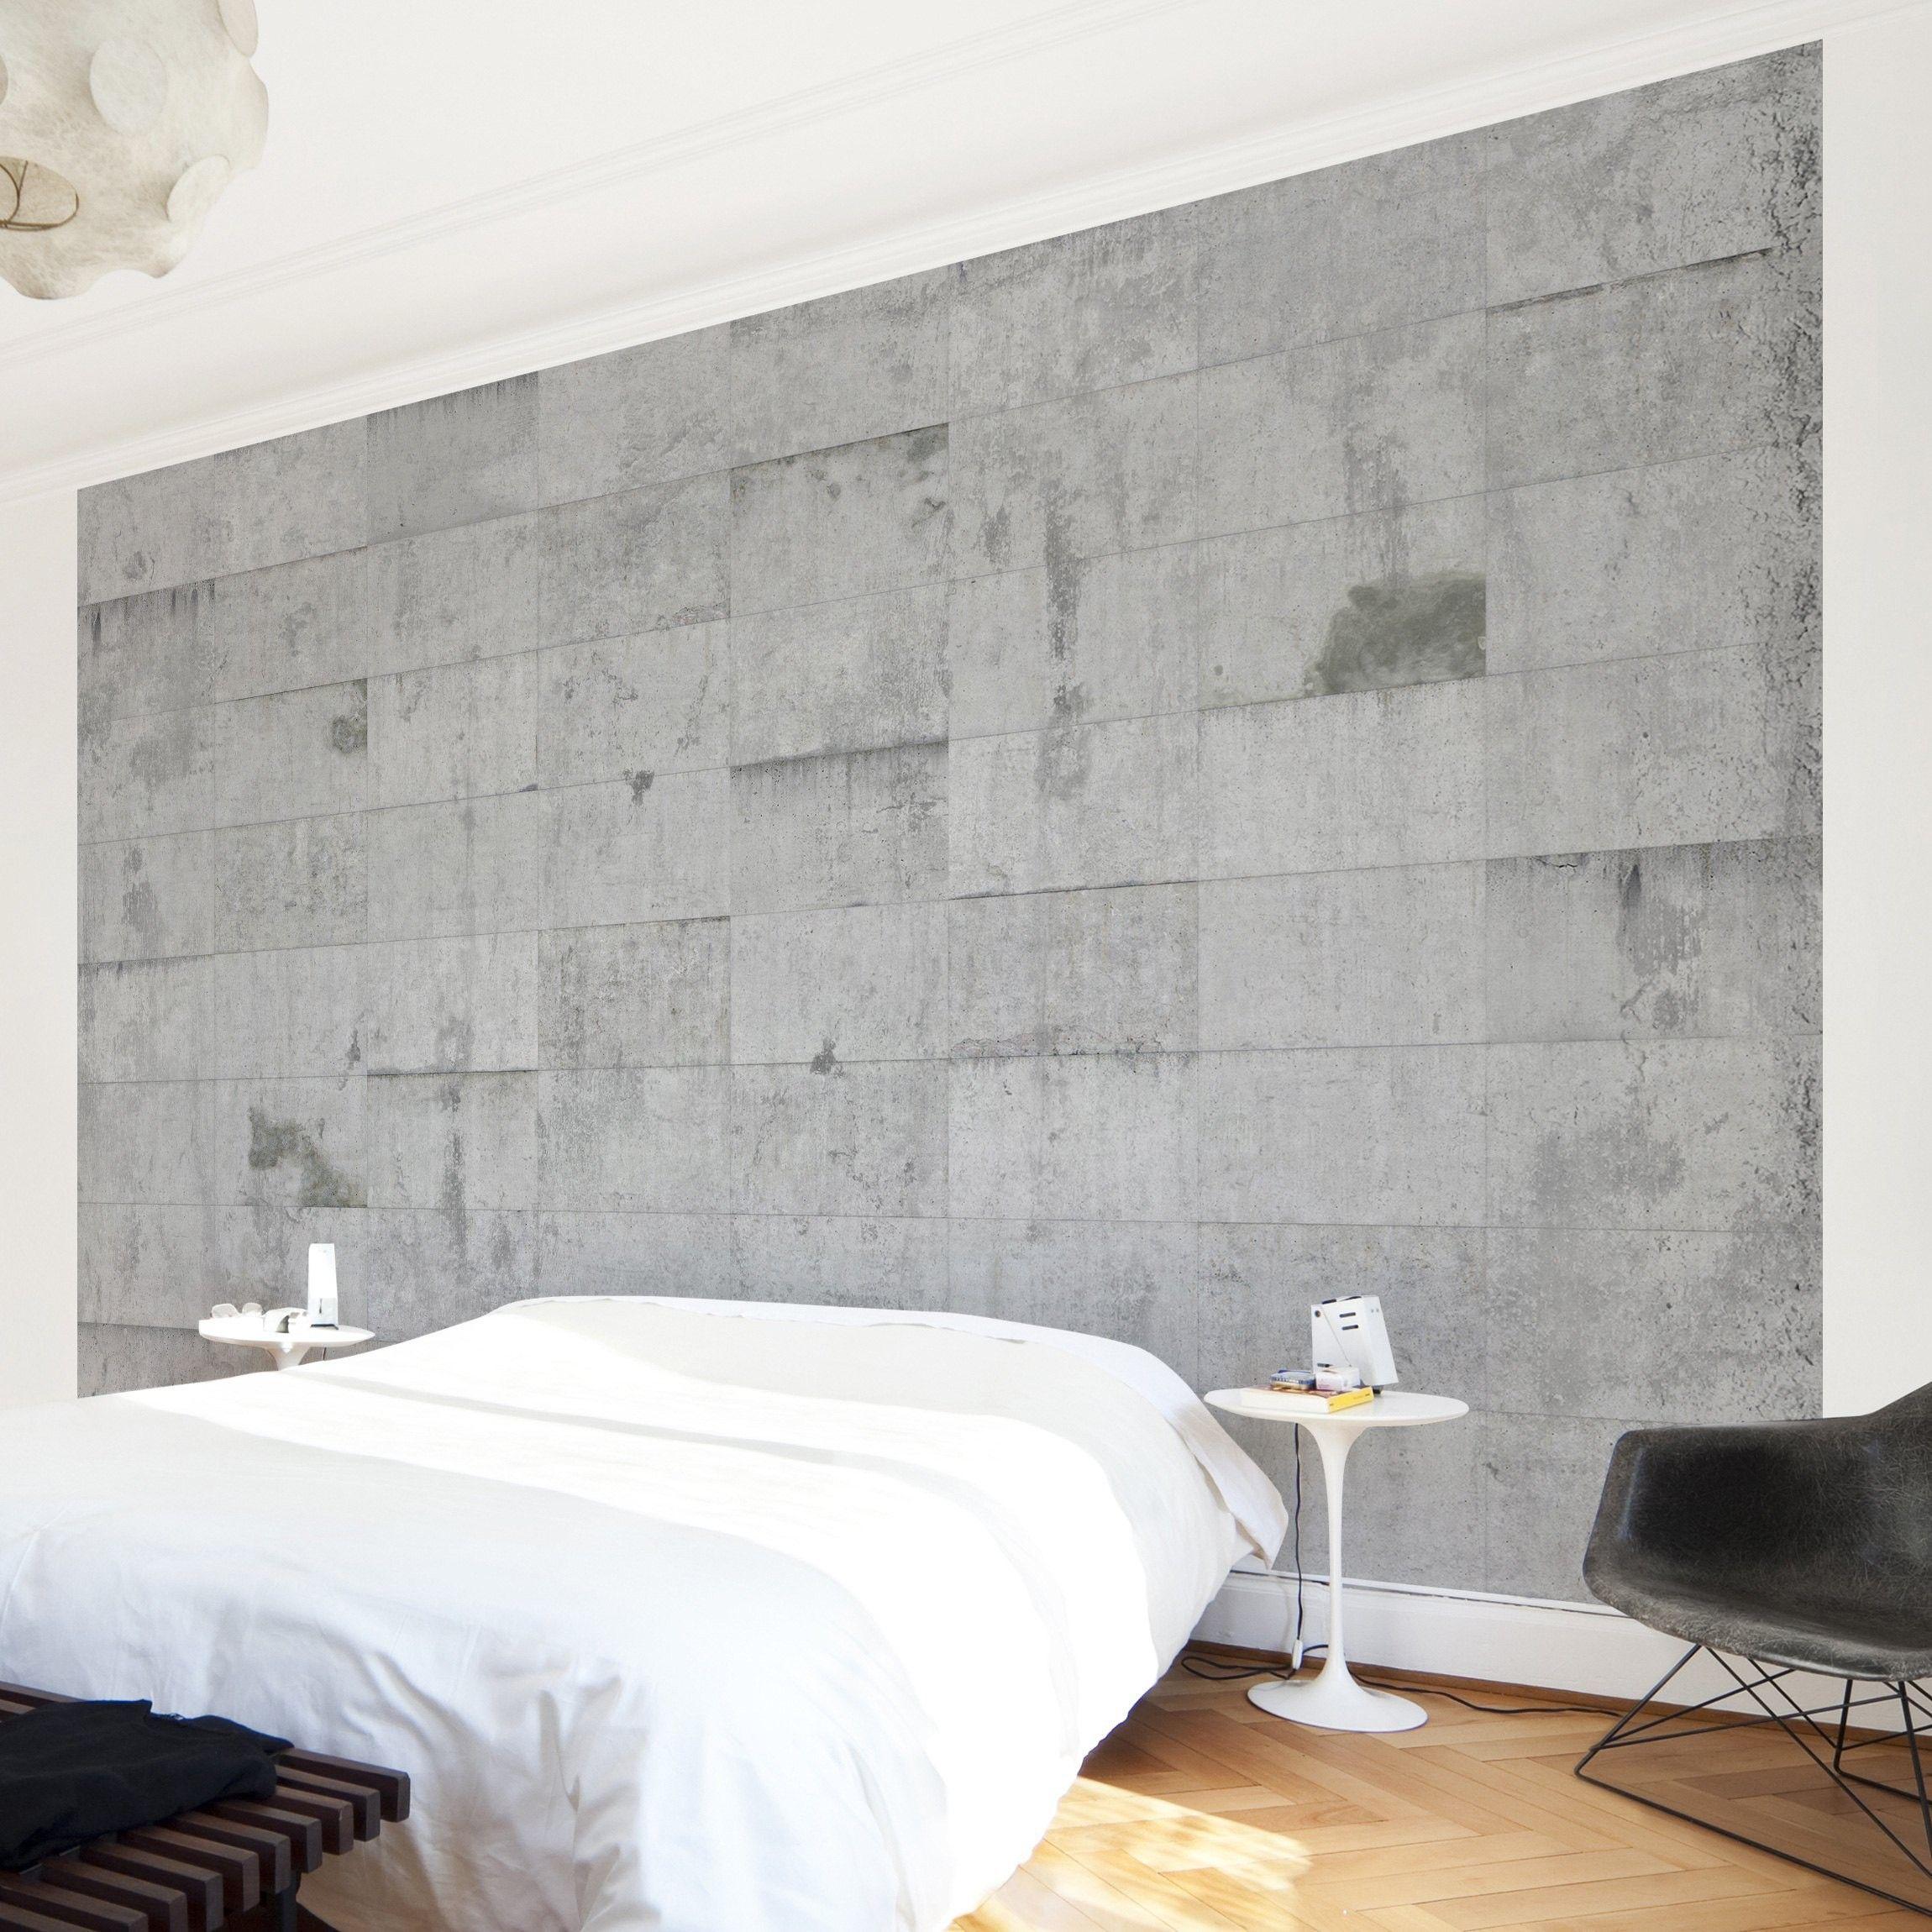 tolles kreative wandgestaltung tapeten topaktuellen designs lassen ihr zuhause wohnlicher aussehen stockfotos bild der dbbacaeeeb